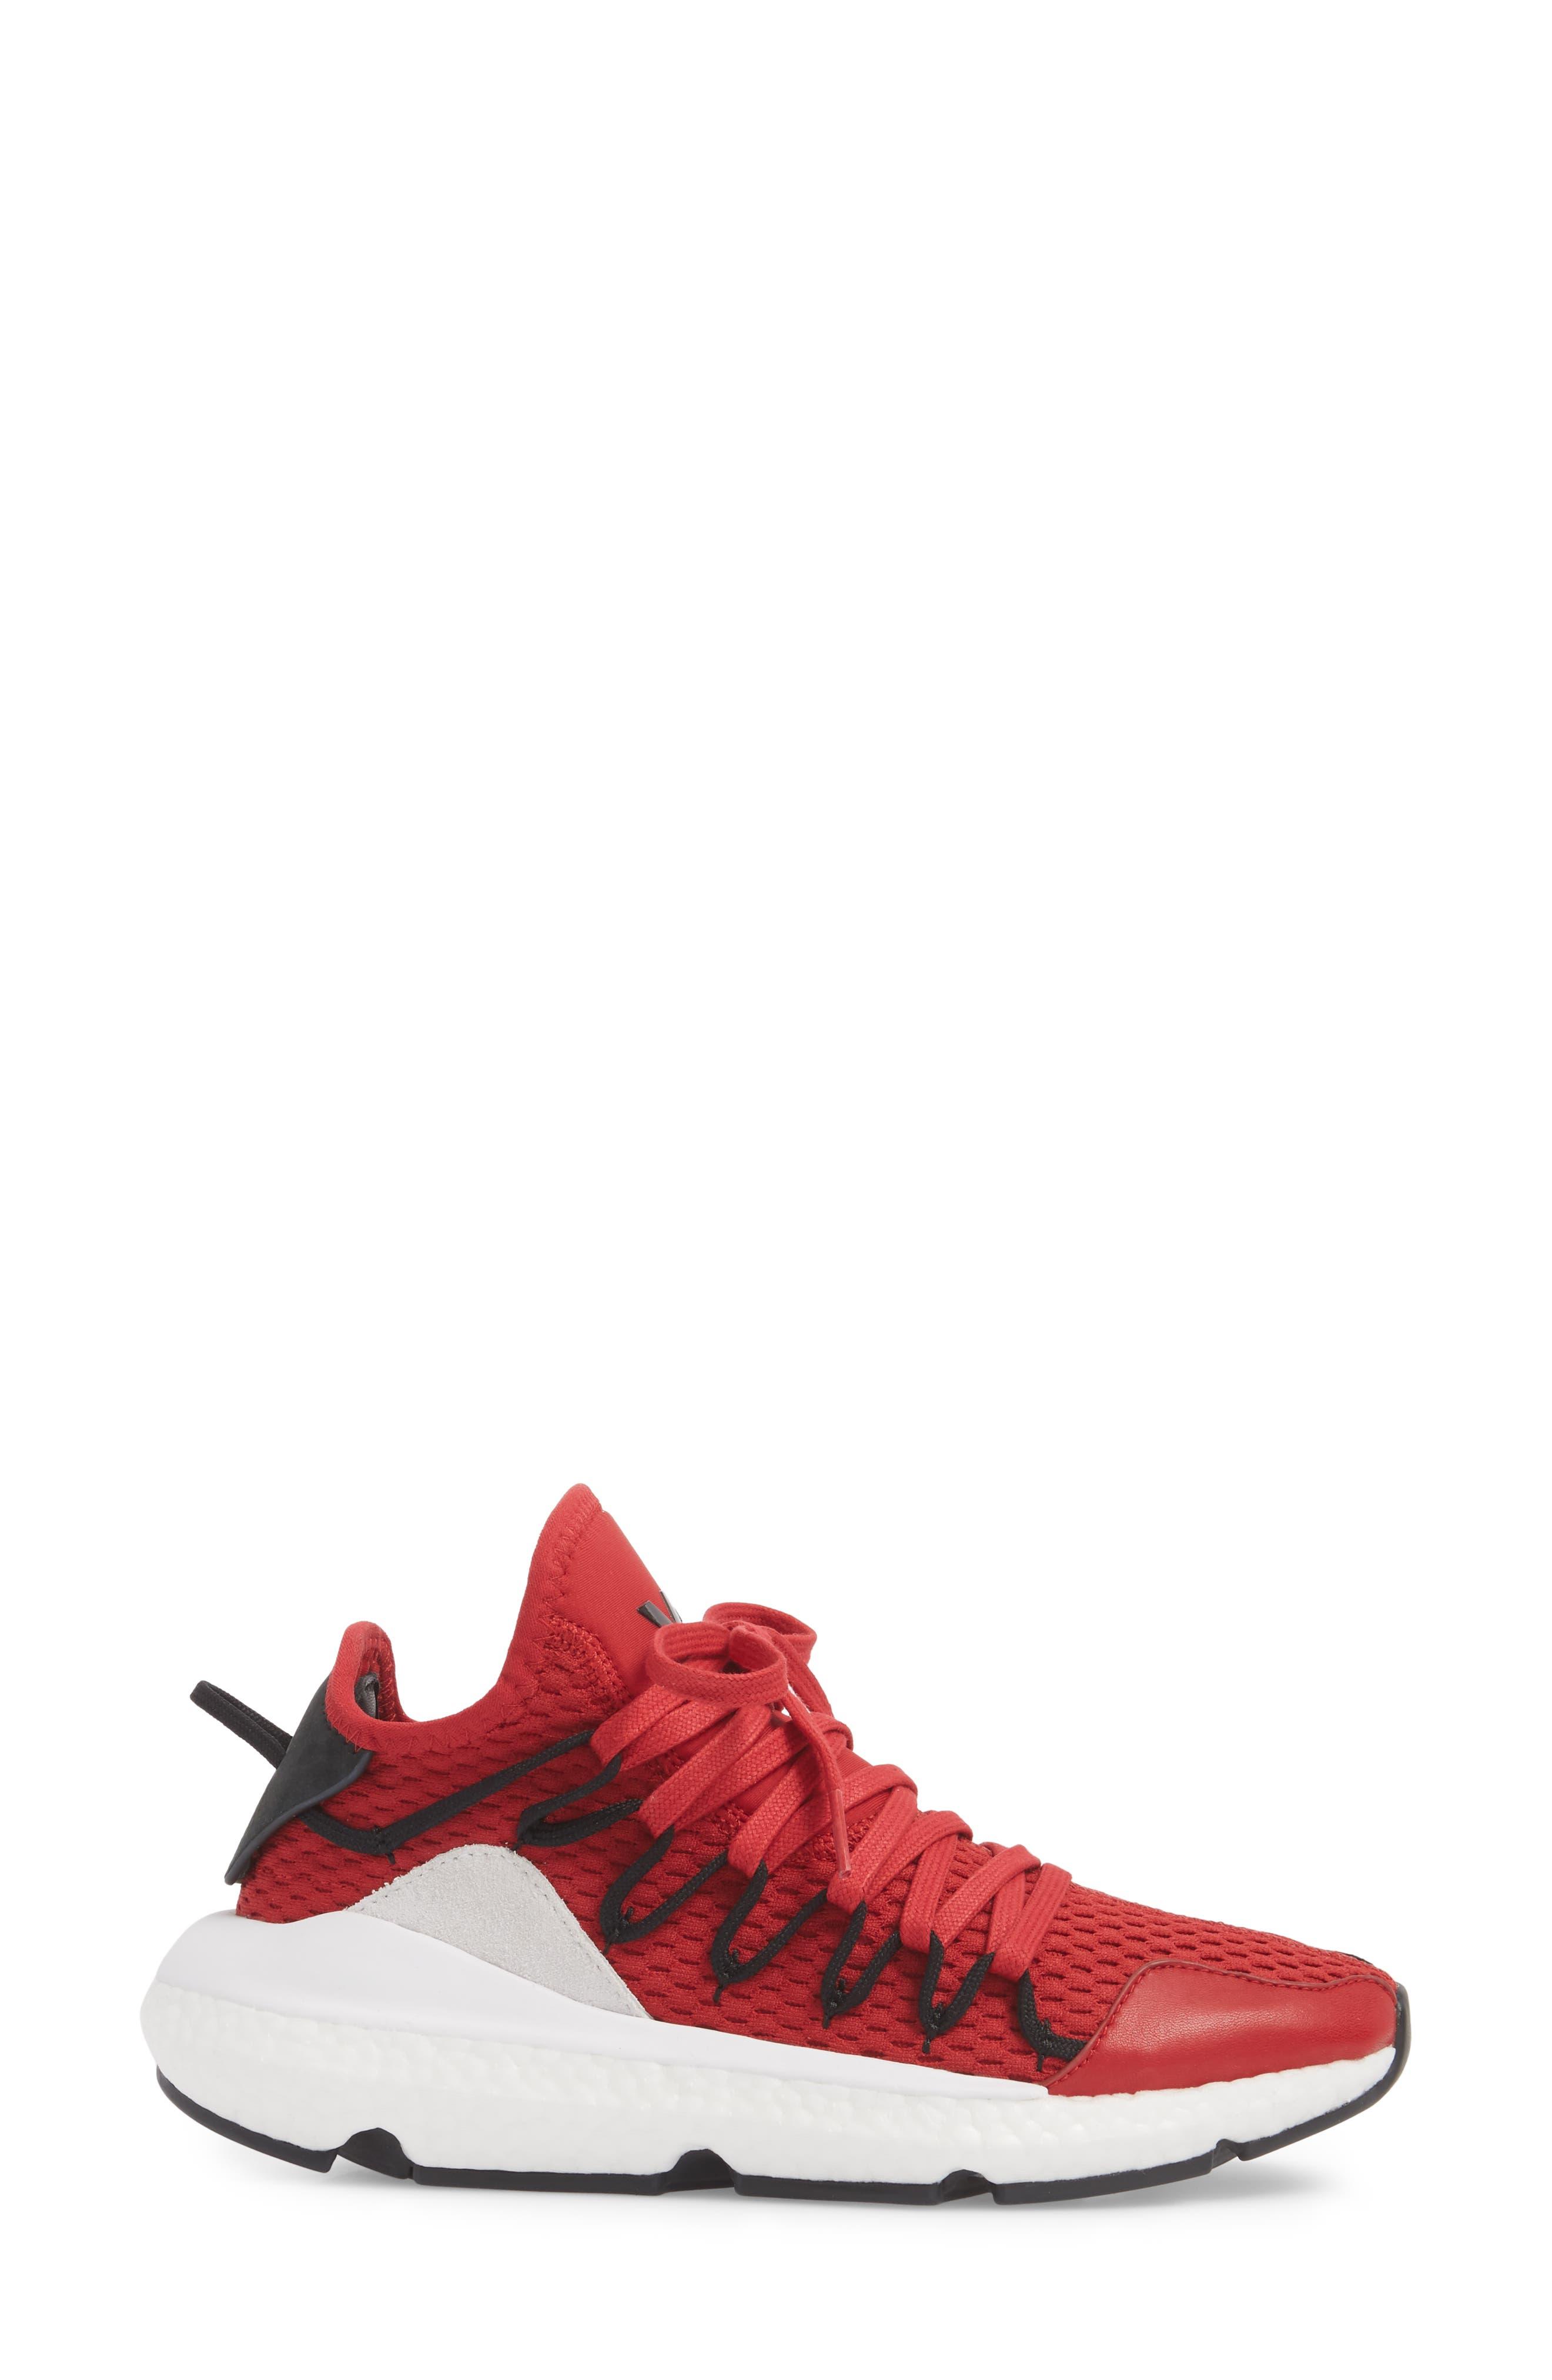 Kusari Sneaker,                             Alternate thumbnail 3, color,